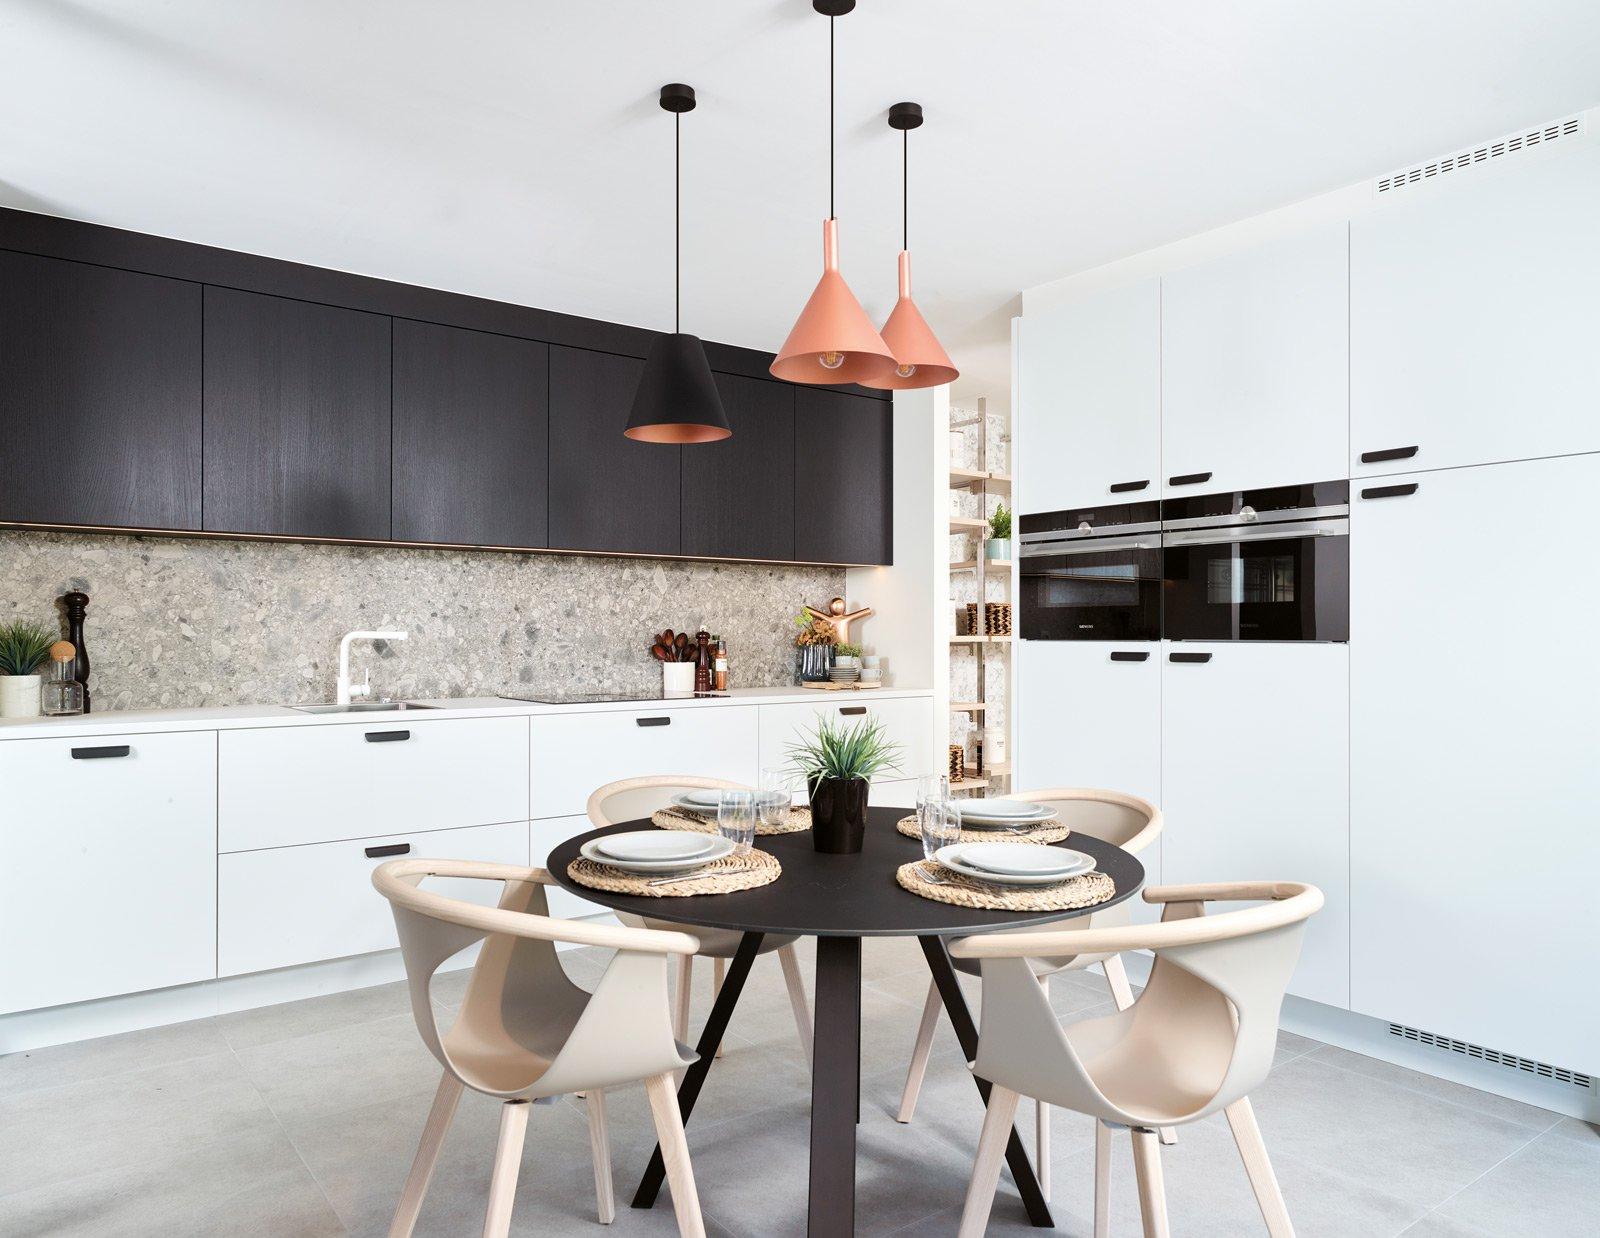 Cuisine moderne blanche - Modèle Toronto